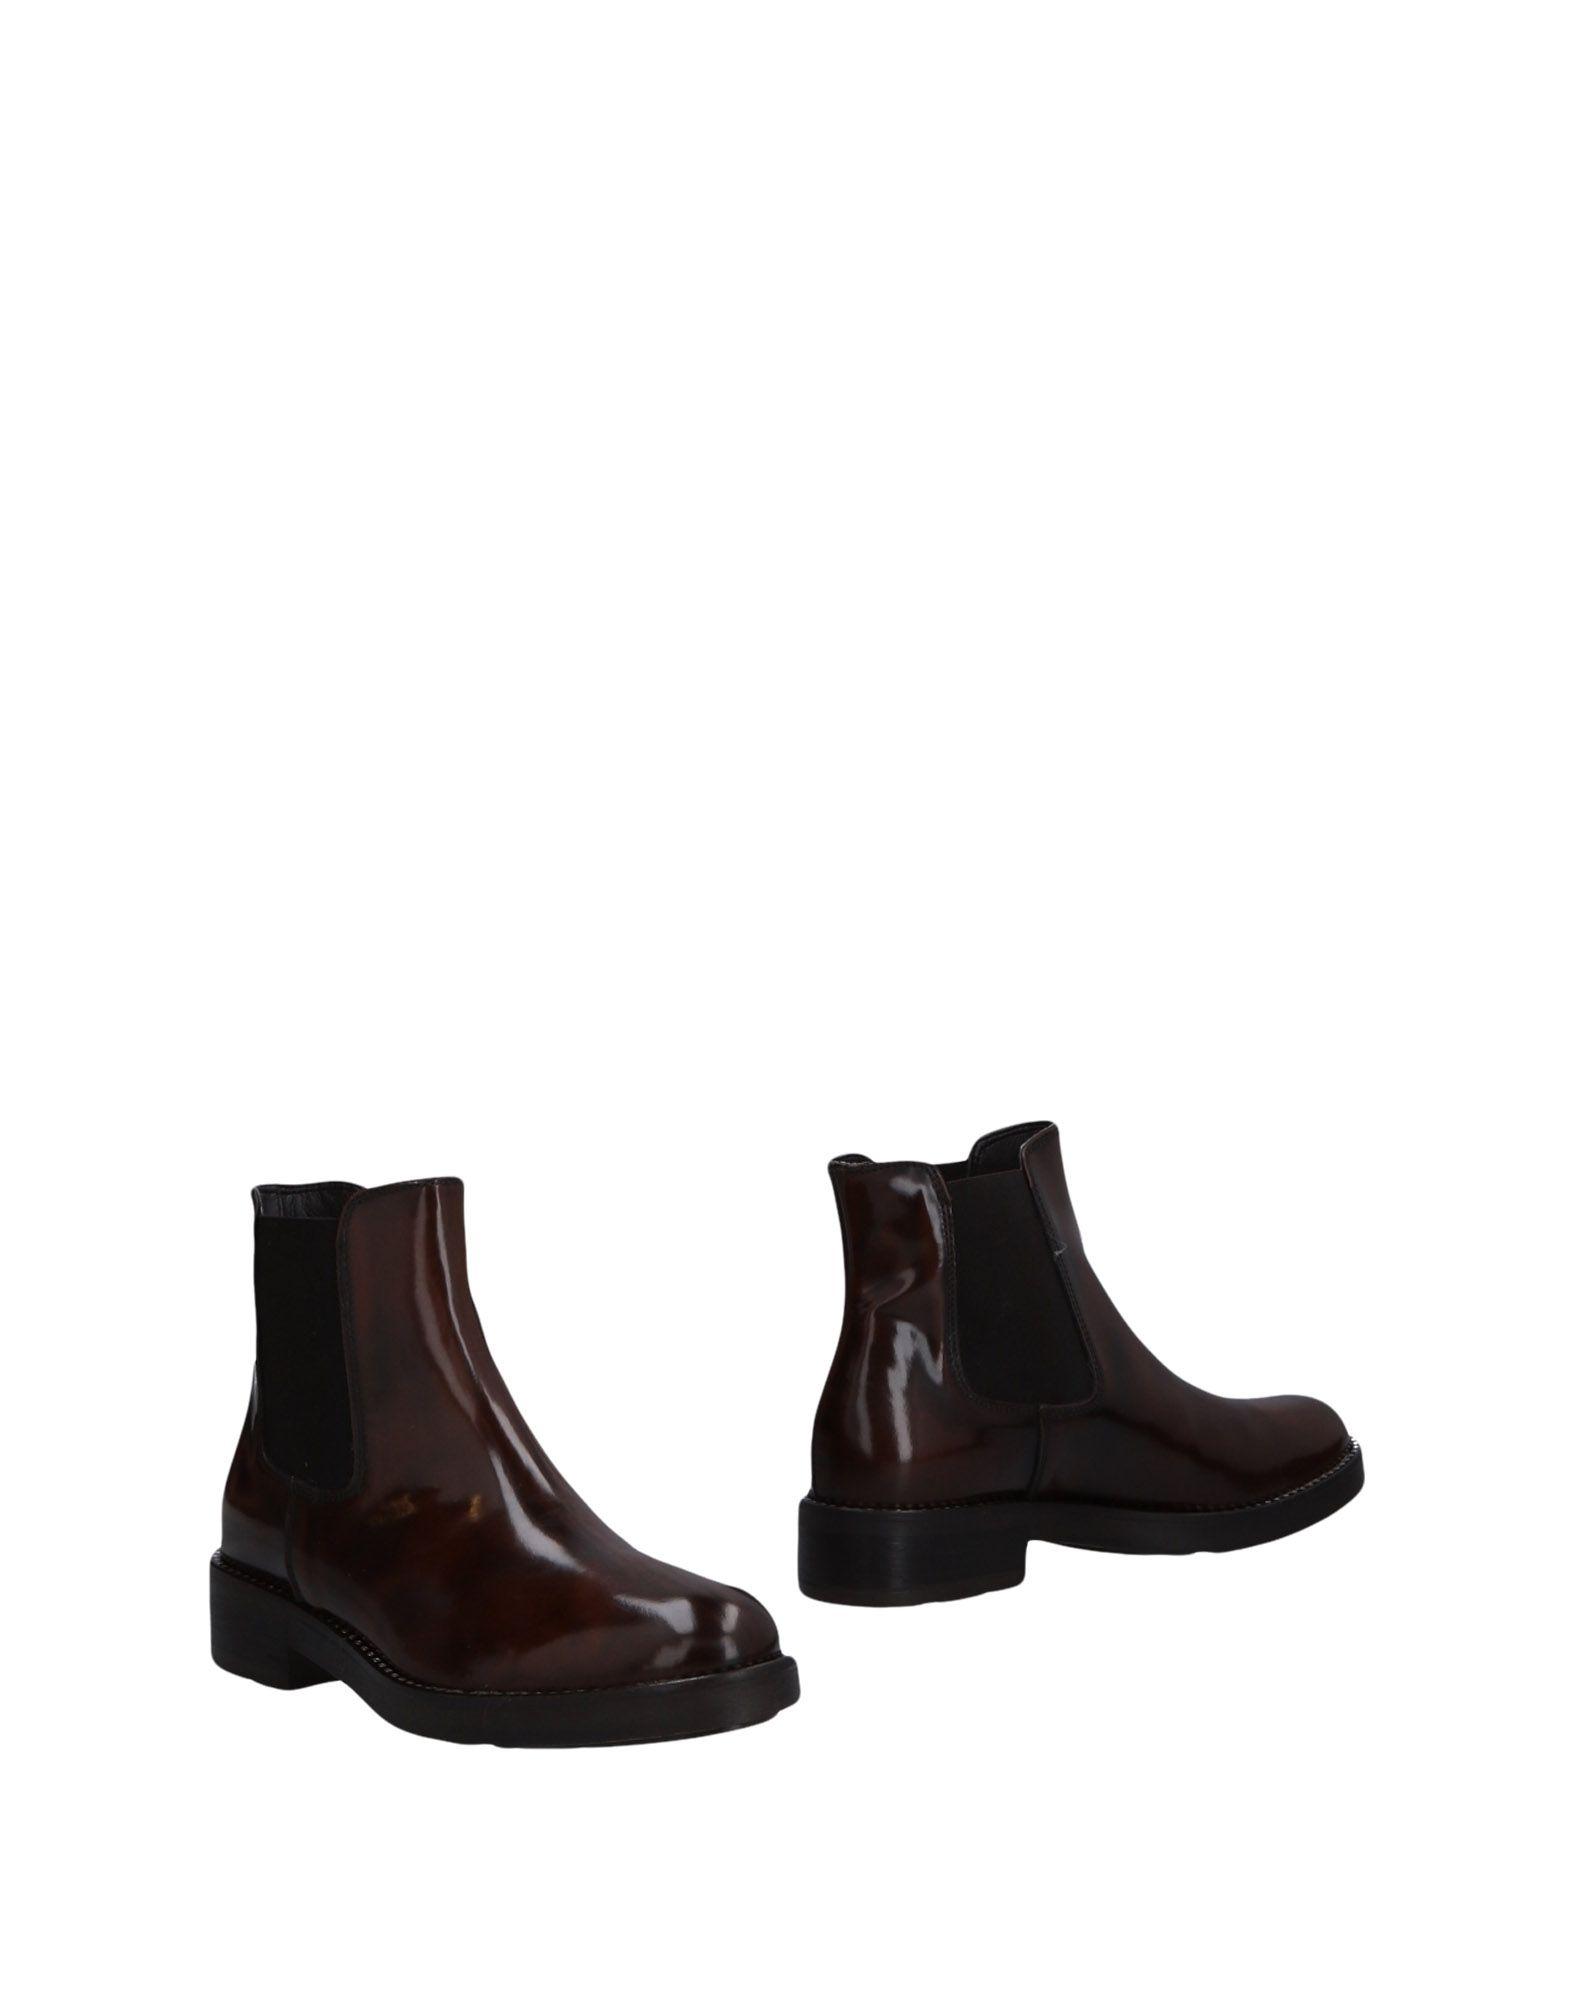 Gut um billige Damen Schuhe zu tragenFormentini Chelsea Boots Damen billige  11479030NI 3fd1a5